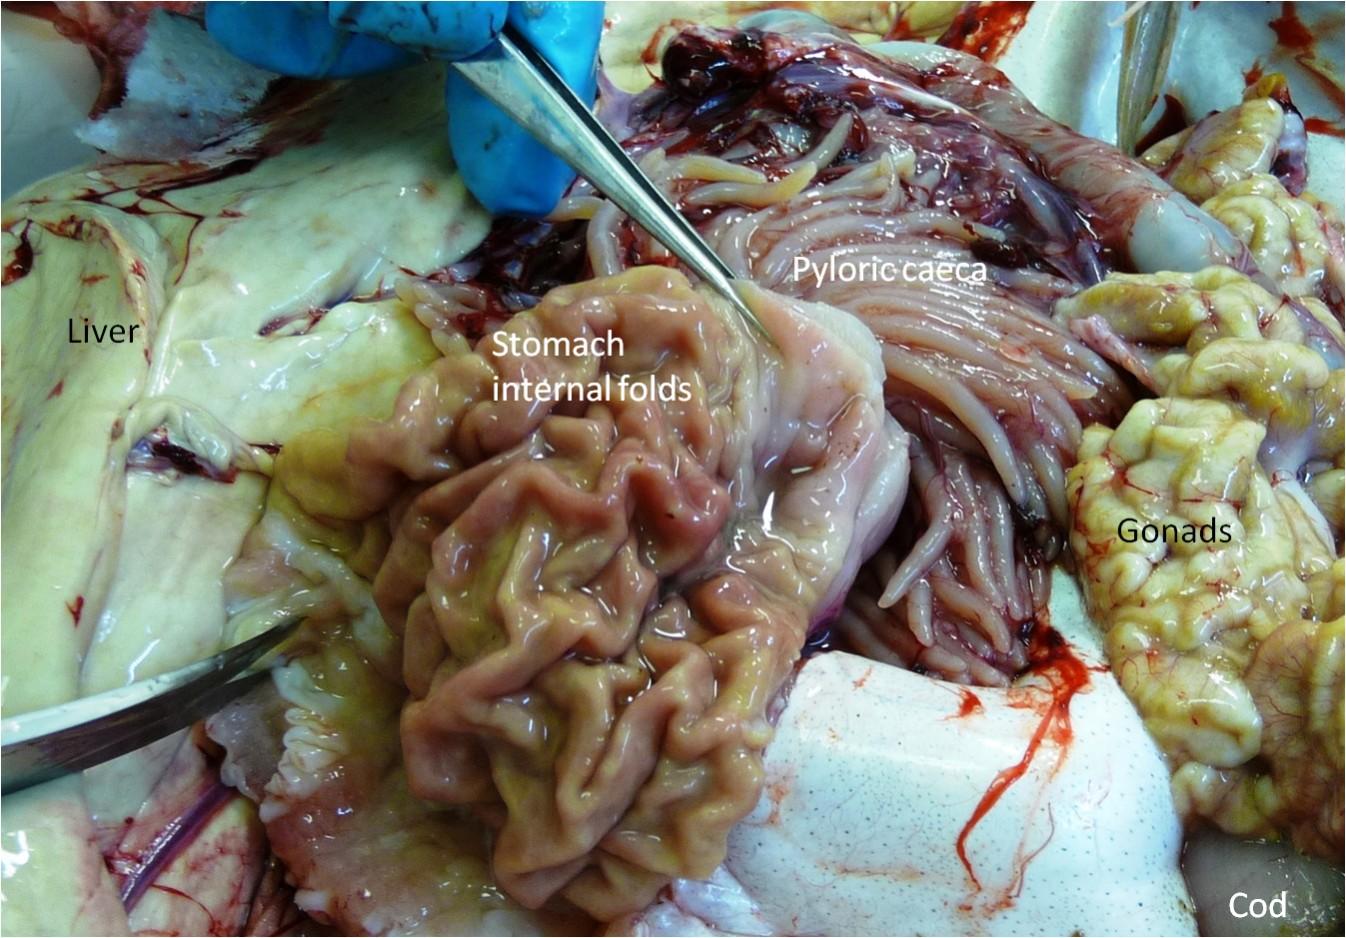 U00bb Digestive System